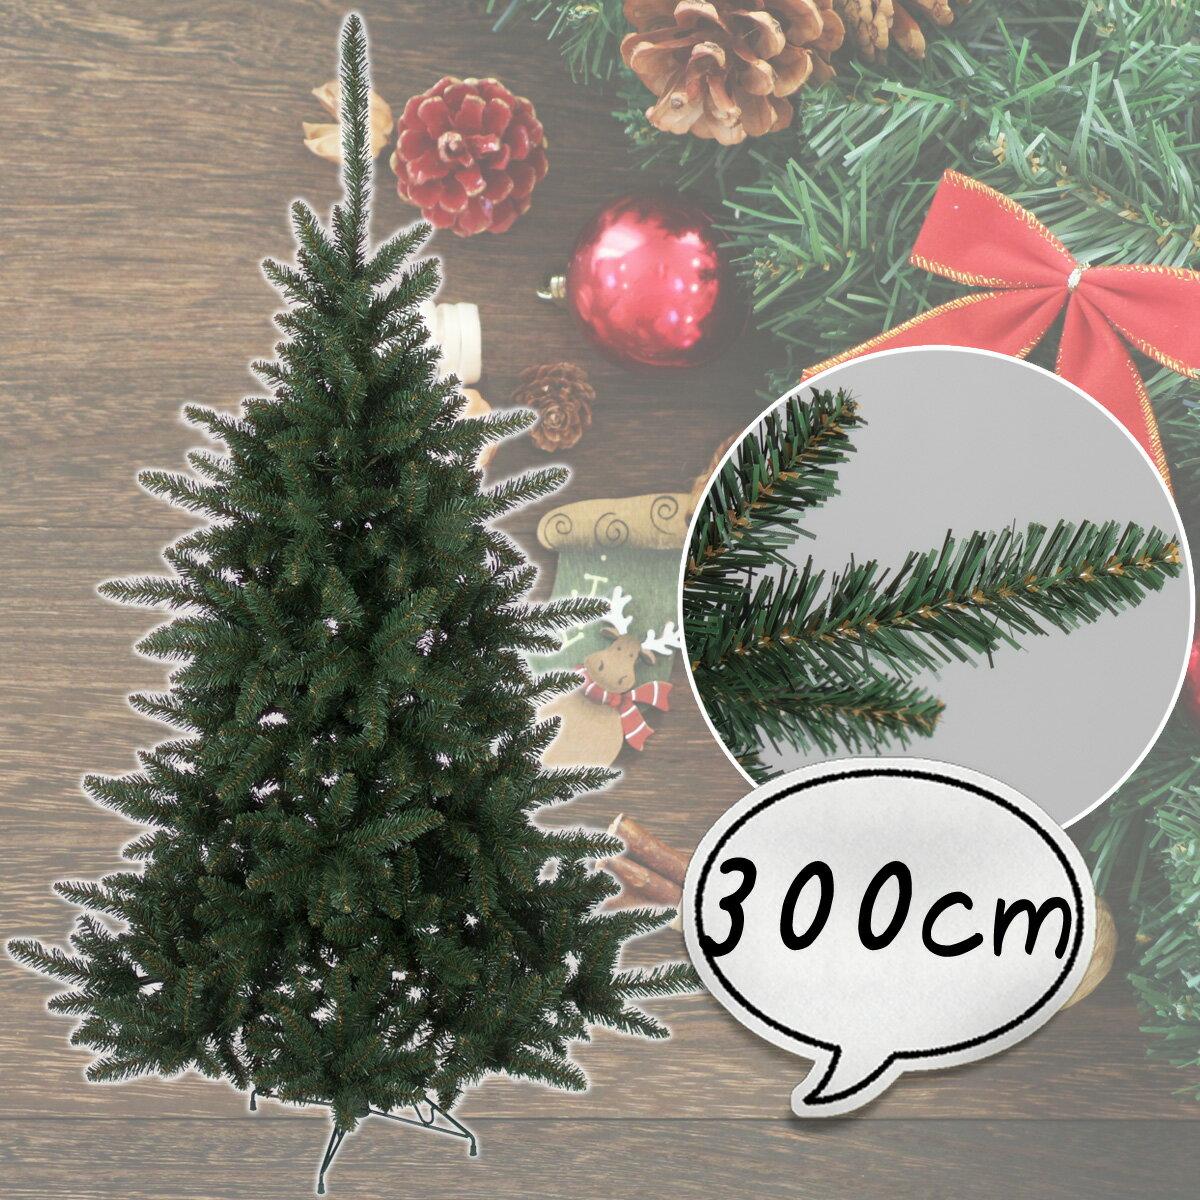 クリスマスツリー 300cm [ツリー 木 単品 ] ロイヤルモントレーツリー 大型ツリー  【jbcxmas16】